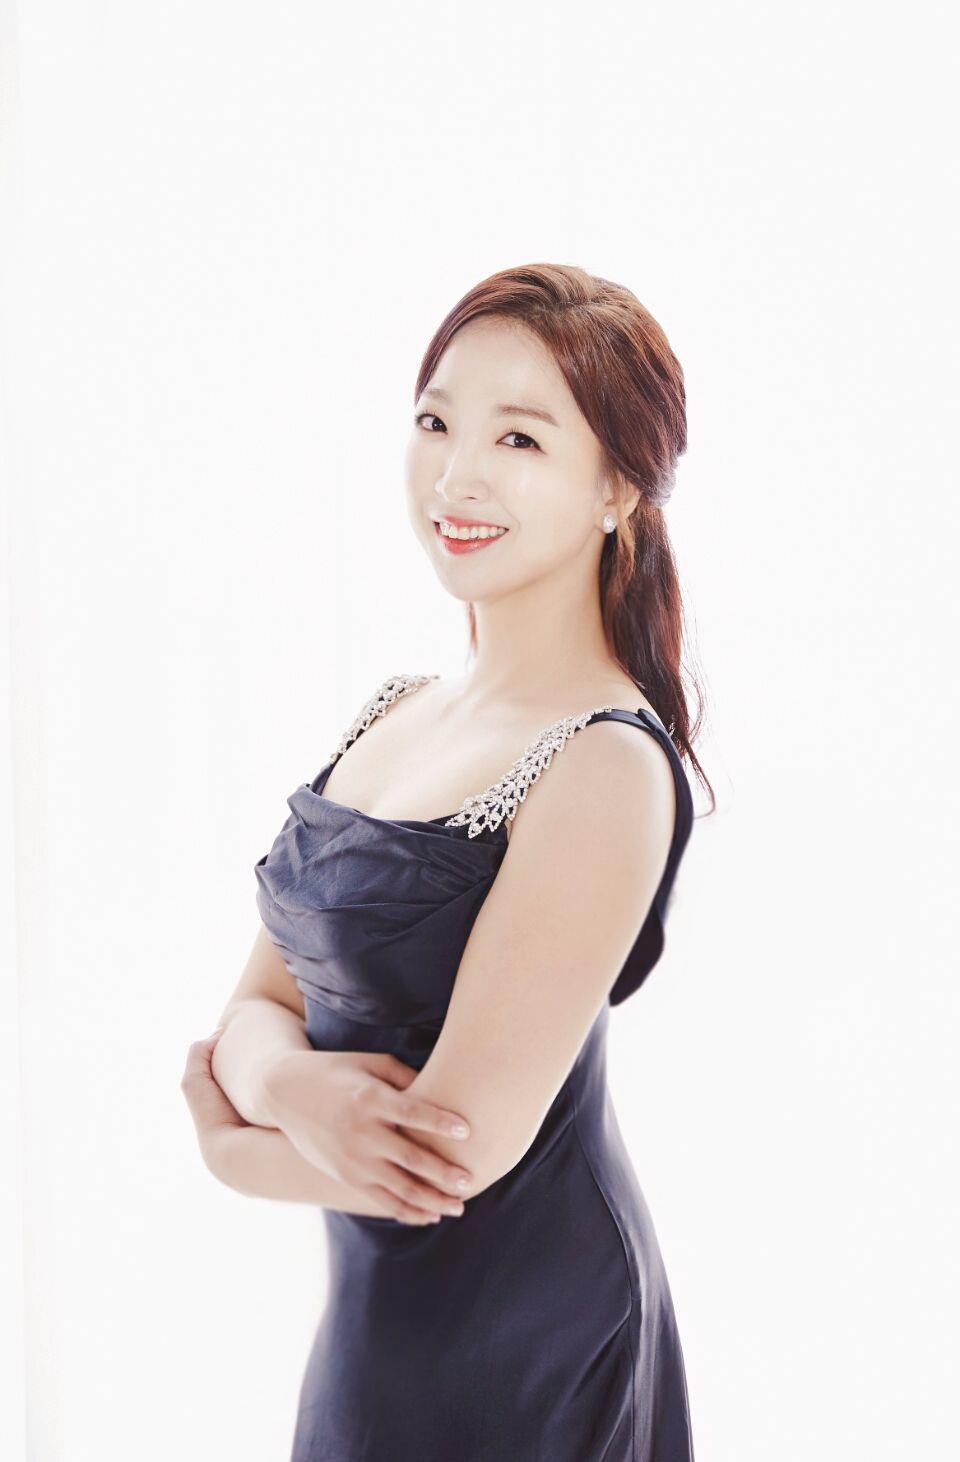 hyun ji you photo (1).jpg